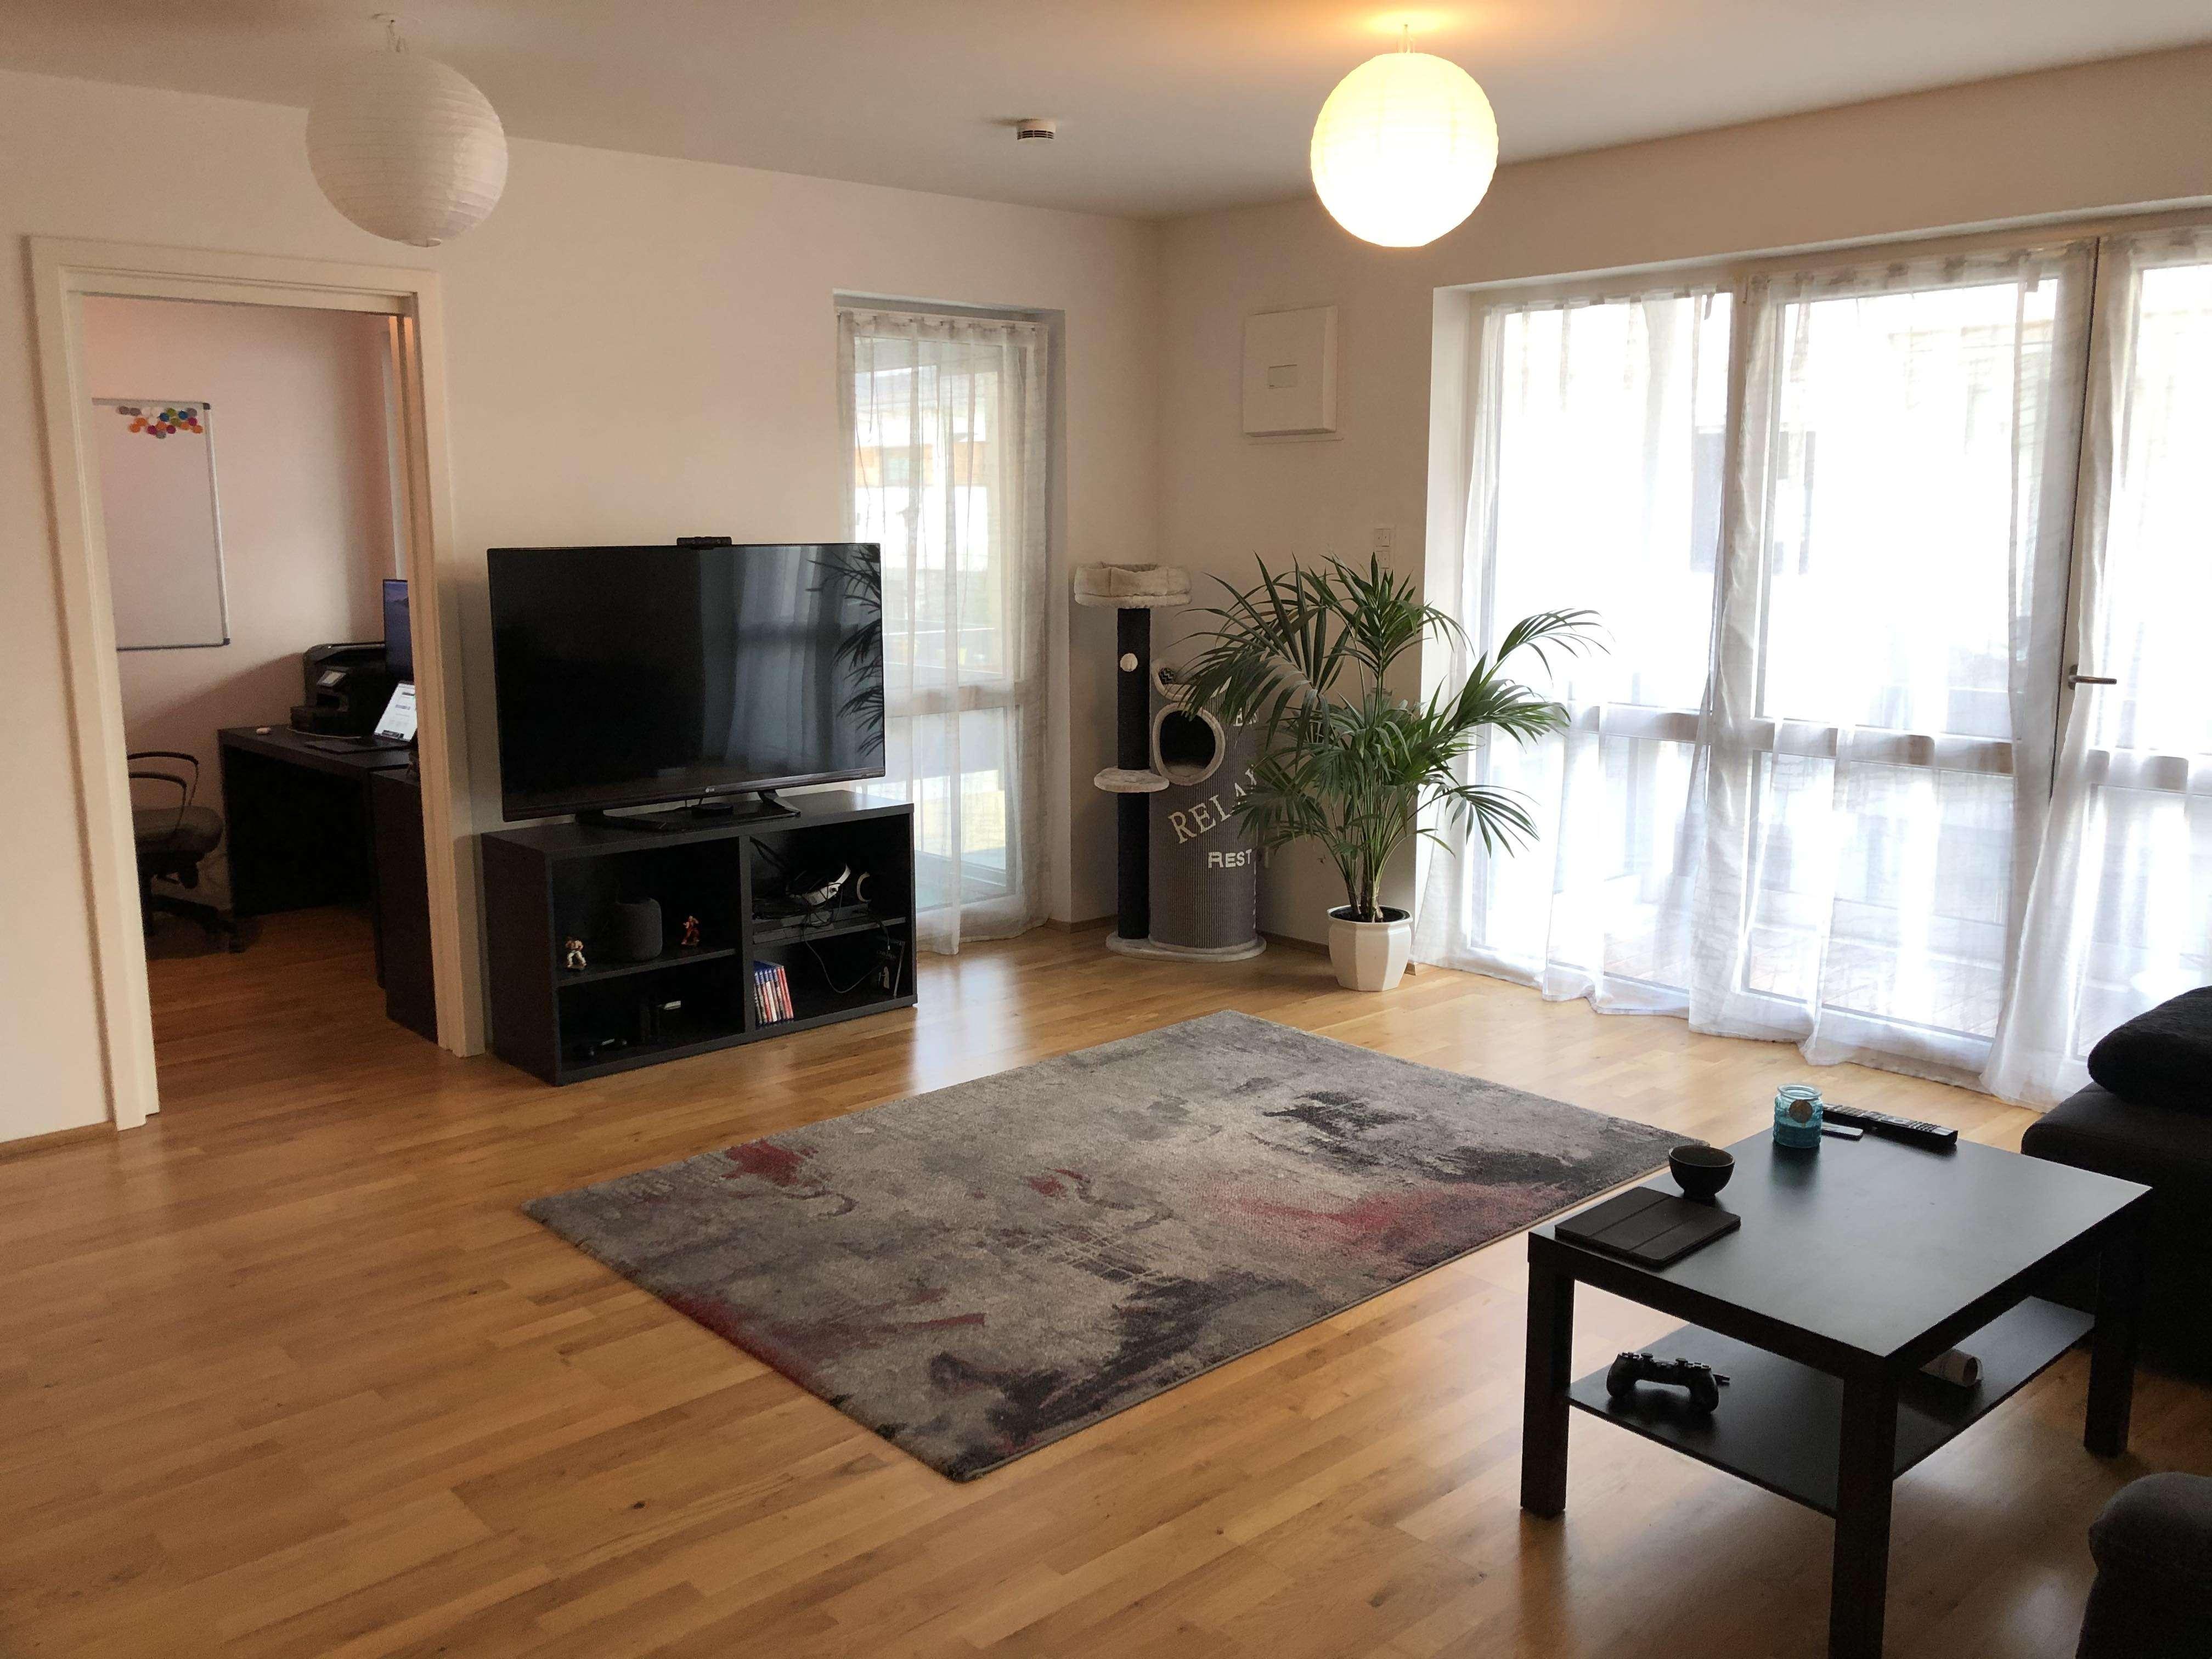 Exklusive 1,5-Zimmer-Wohnung mit 2 Balkonen und top EBK in Zorneding in